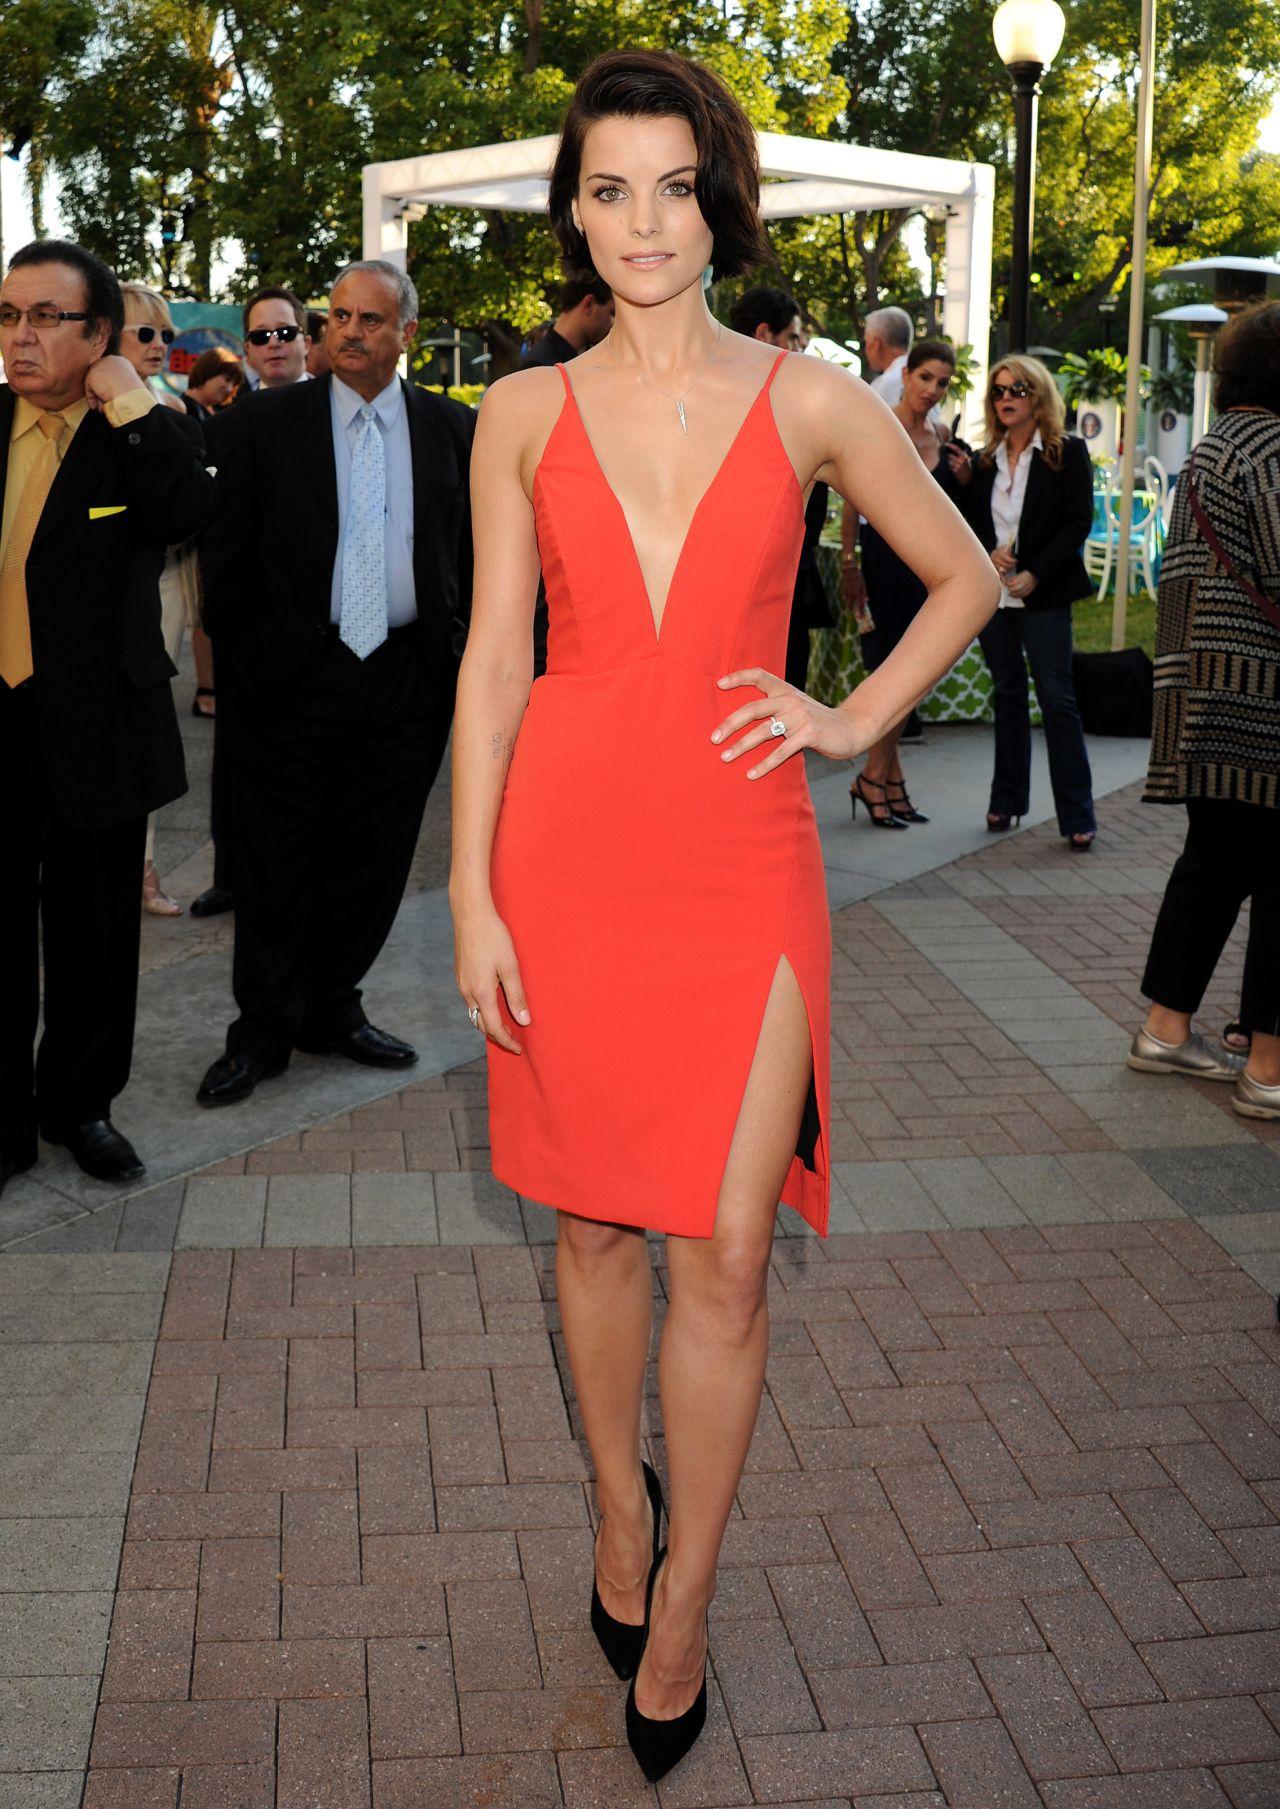 Jaimie Alexander The Brink Premiere In Hollywood